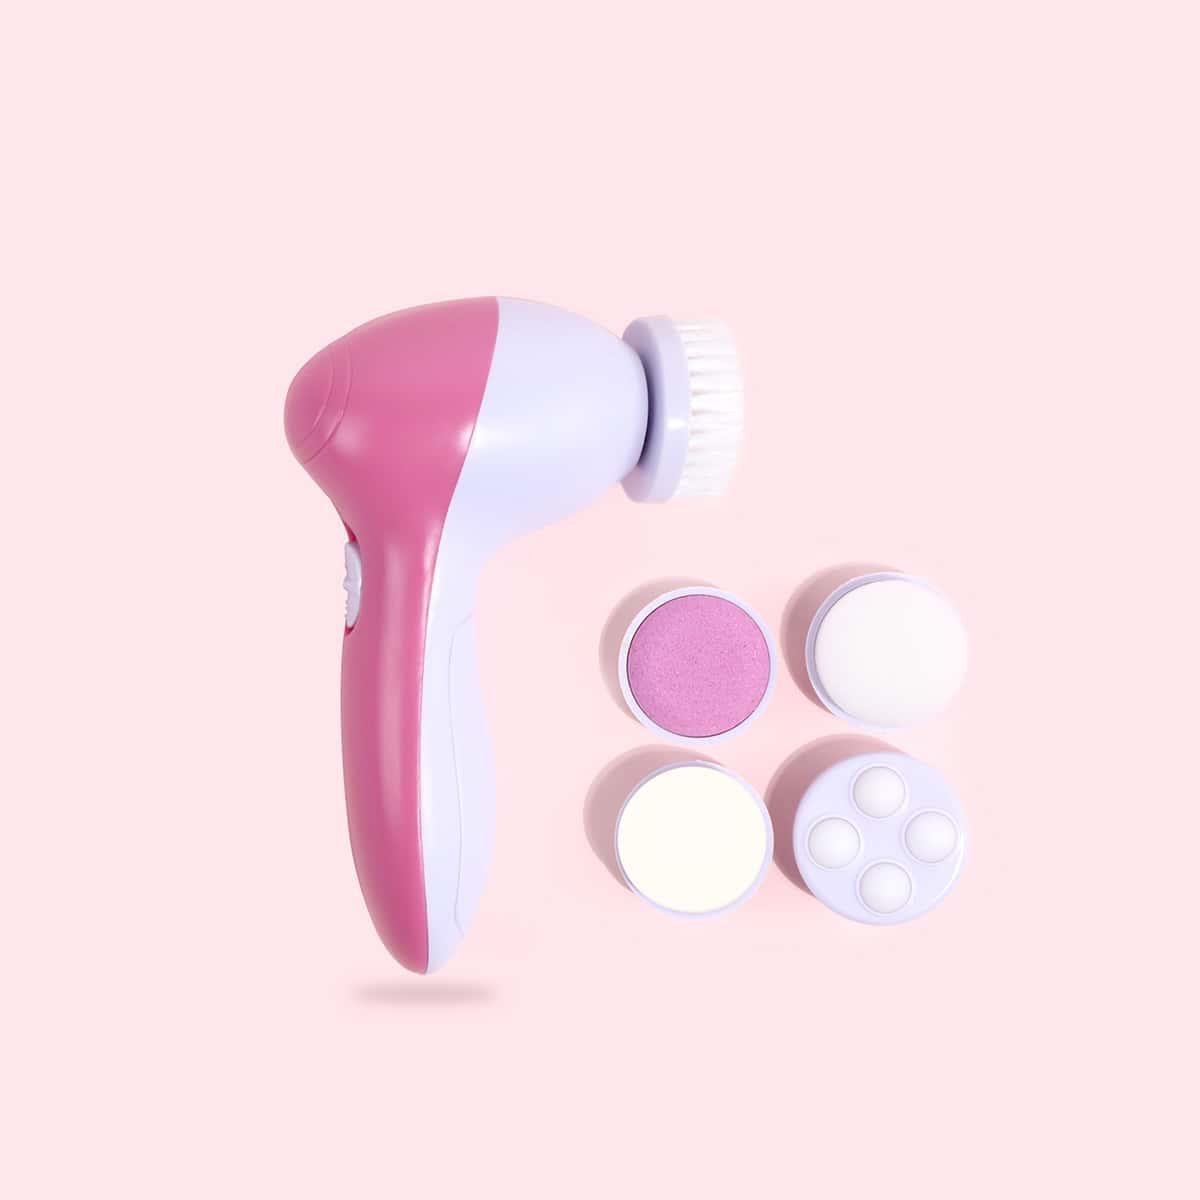 Очищающие кисти Инструменты для ухода за кожей